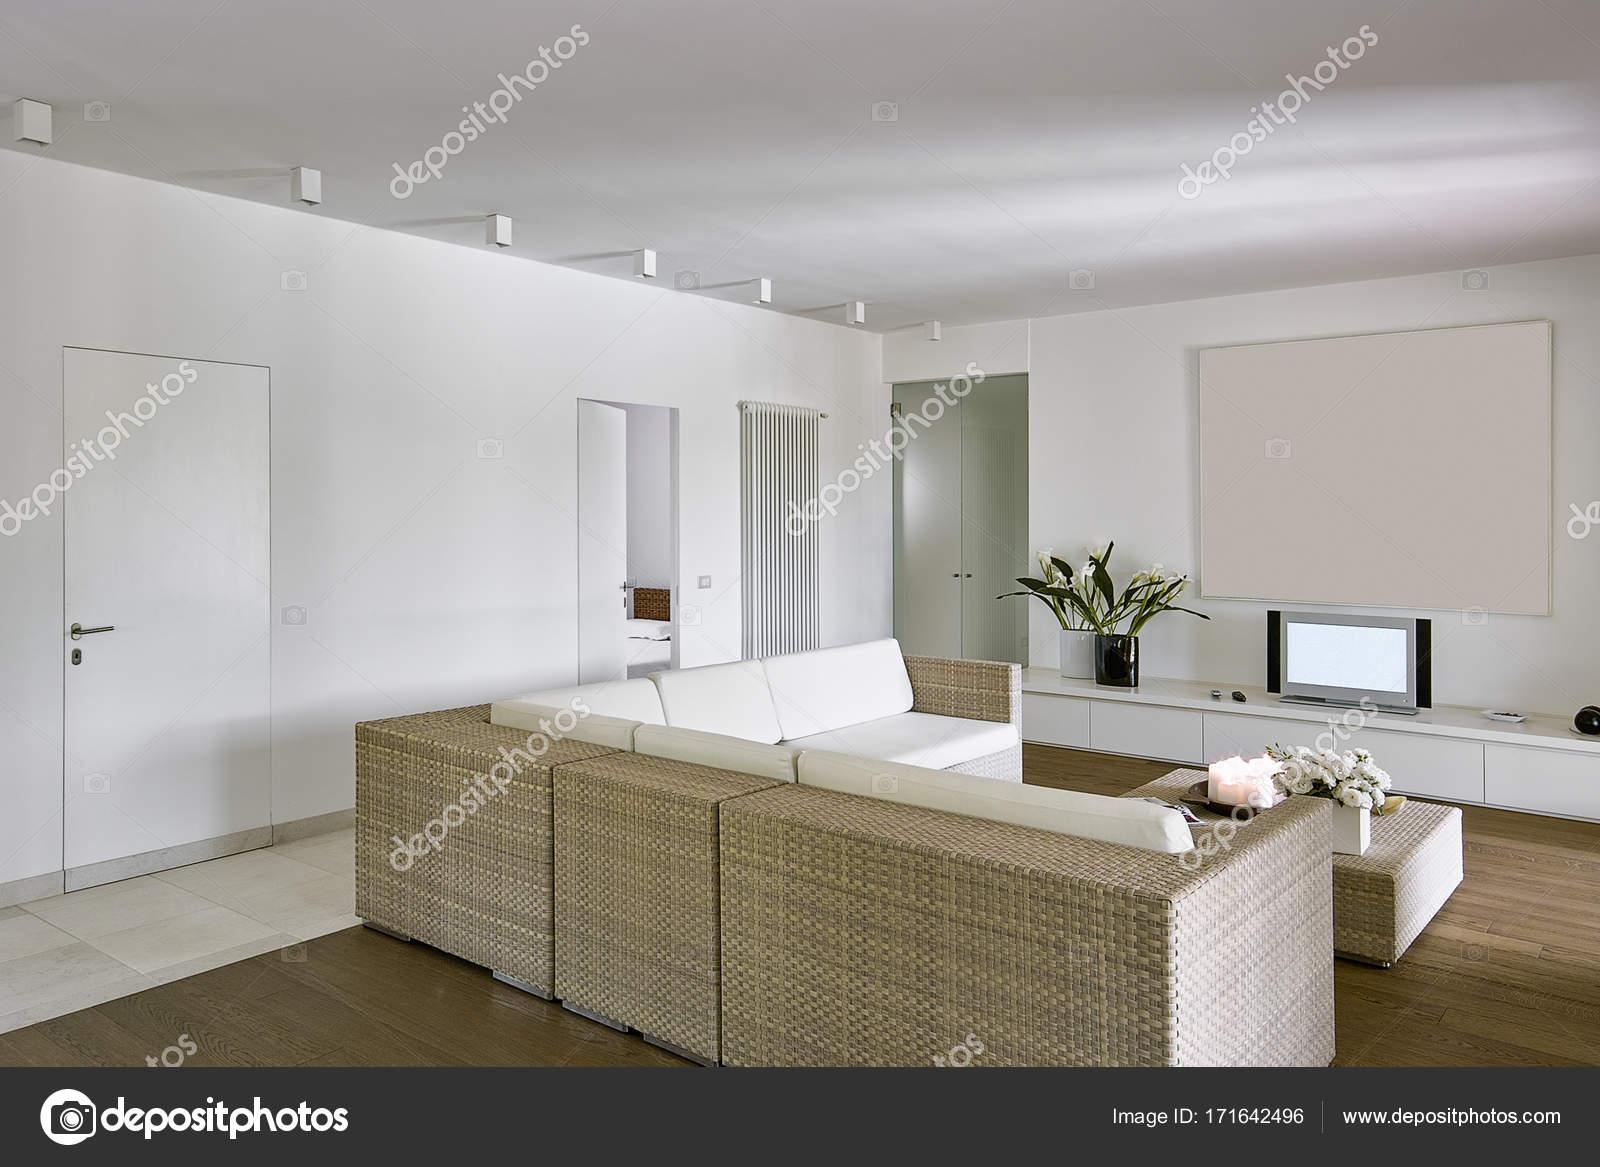 Interieur Aufnahmen aus einem modernen Wohnzimmer — Stockfoto ...